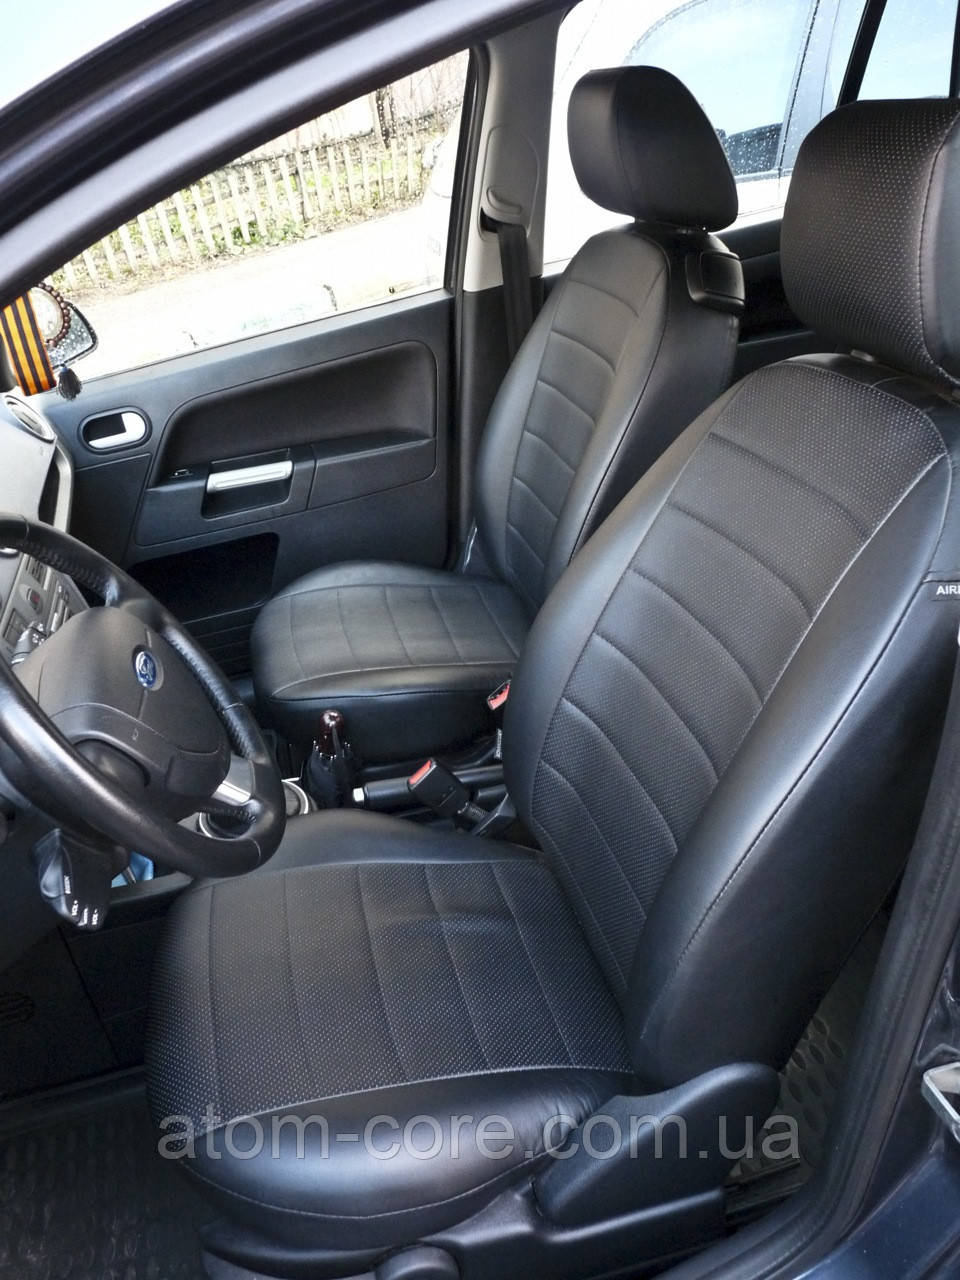 Чехлы на сиденья Ауди 100 С4 (Audi 100 C4) (универсальные, экокожа Аригон) черный